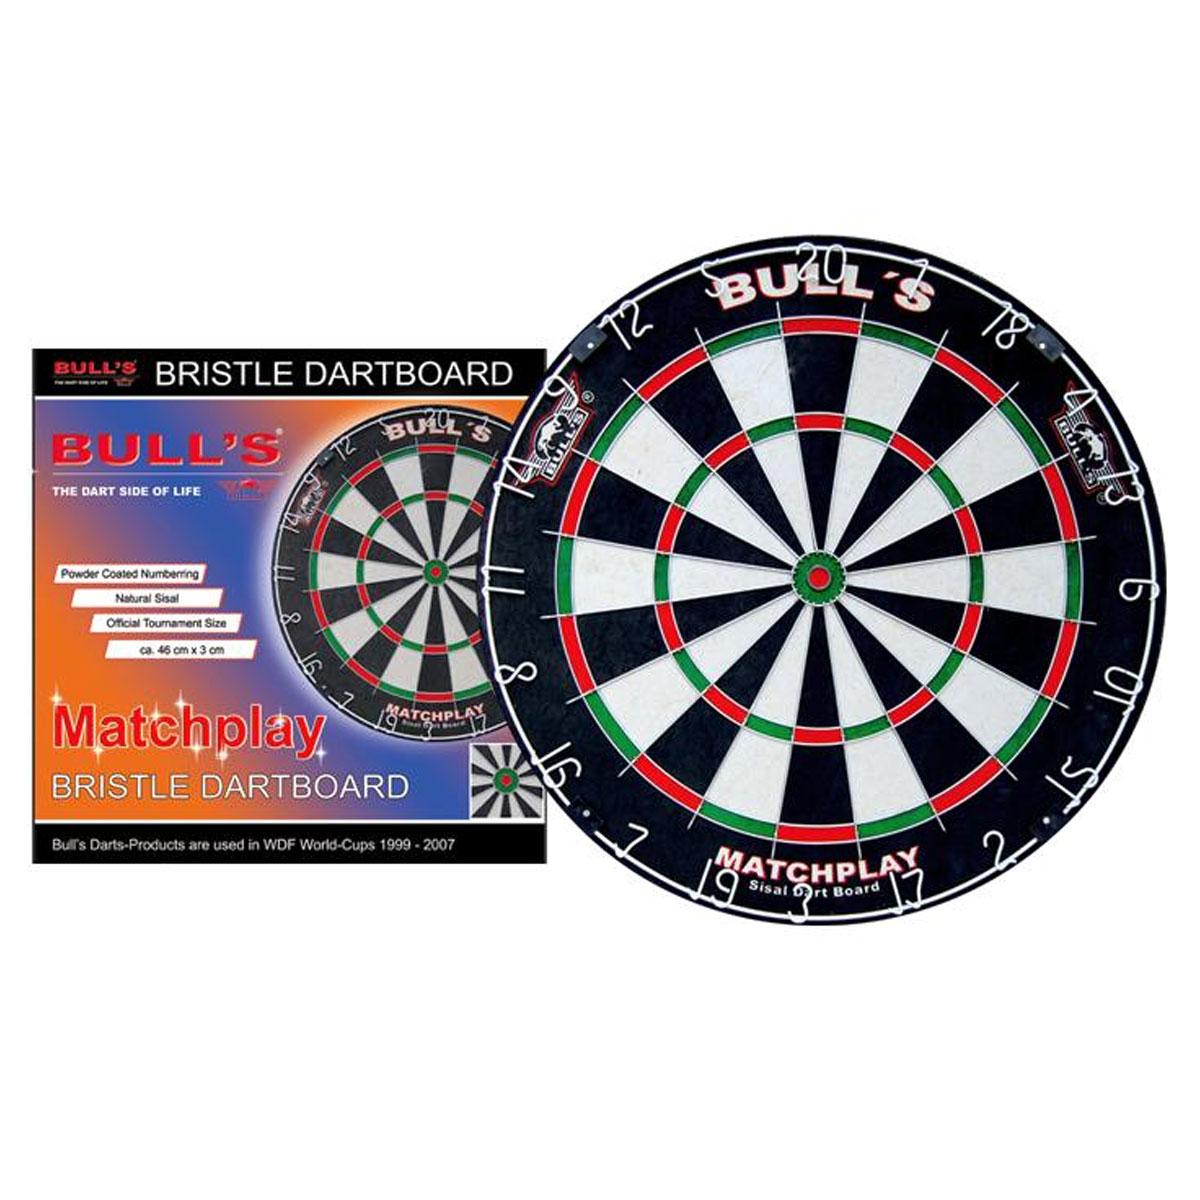 Мишень для дартс Bulls Matchplay Bristle Board, 46 см х 3 см68230Мишень для дартс Bulls Matchplay Bristle Board изготовлена из высококачественного сизаля. Классическая конструкция мишени с круглой стальной проволокой. Предназначена для игры в классический дартс. Возврат товара возможен только при наличии заключения сервисного центра. Время работы сервисного центра: Пн-чт: 10.00-18.00 Пт: 10.00- 17.00 Сб, Вс: выходные дни Адрес: ООО ГАТО, 121471, г.Москва, ул. Петра Алексеева, д 12., тел. (495)232-4670, gato@gato.ru Характеристики: Материал: сизаль, металл, дерево. Диаметр мишени: 46 см. Толщина мишени: 3 см. Размер упаковки: 47 см х 47 см х 4 см.